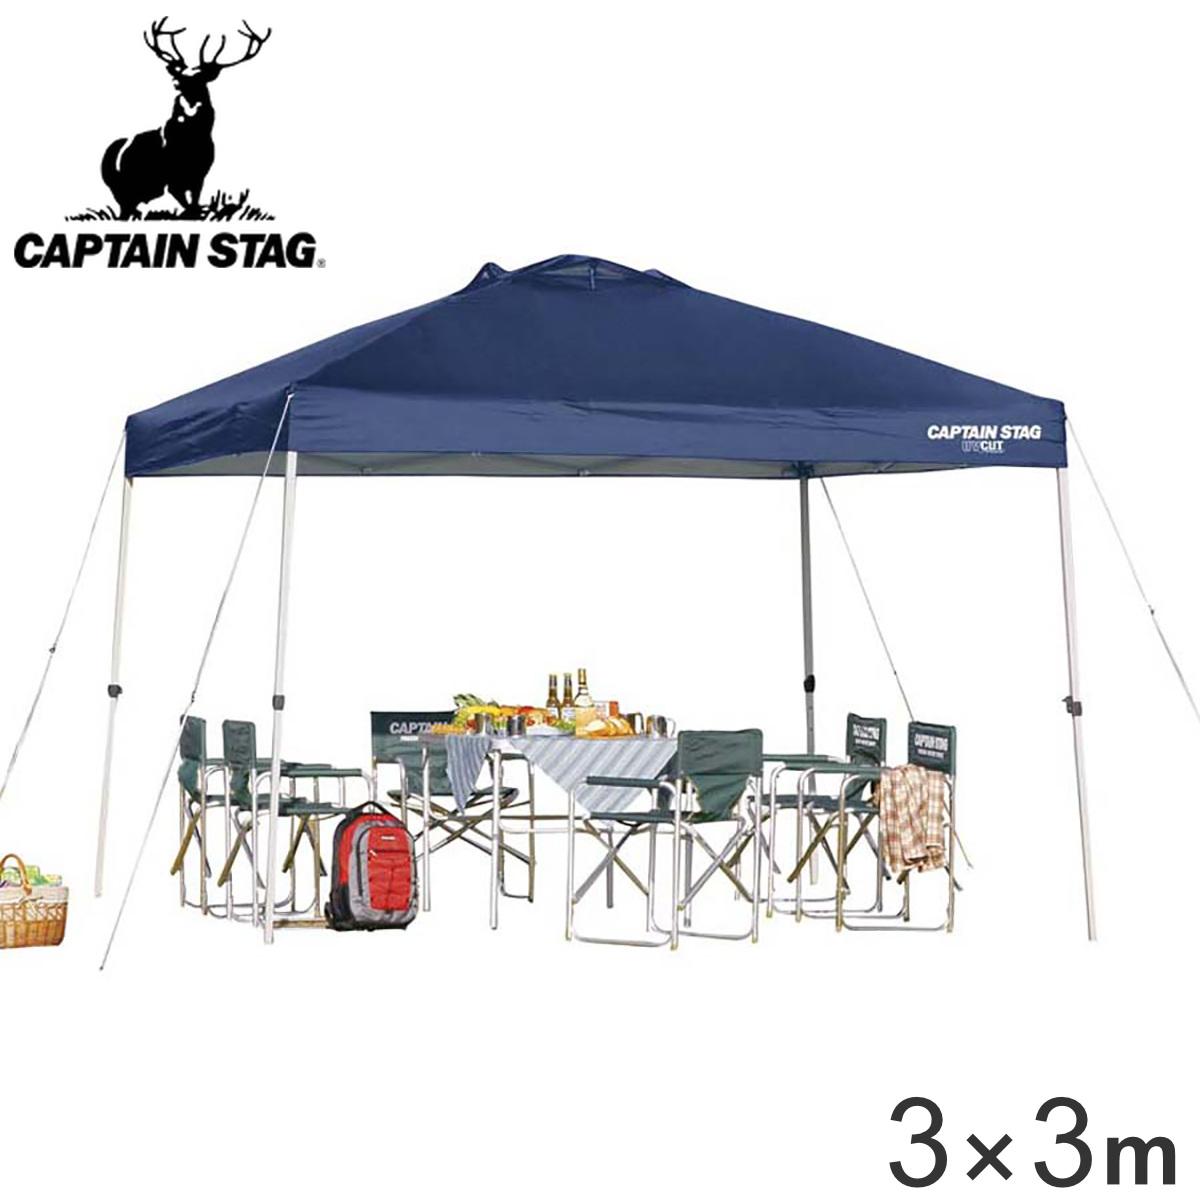 クイックシェードDX UVカット 防水 キャスターバッグ付 3m×3m ( 送料無料 キャプテンスタッグ テント ワンタッチタープ CAPTAIN STAG アウトドア 5人 6人 アルミ 軽量 組立簡単 正方形 )